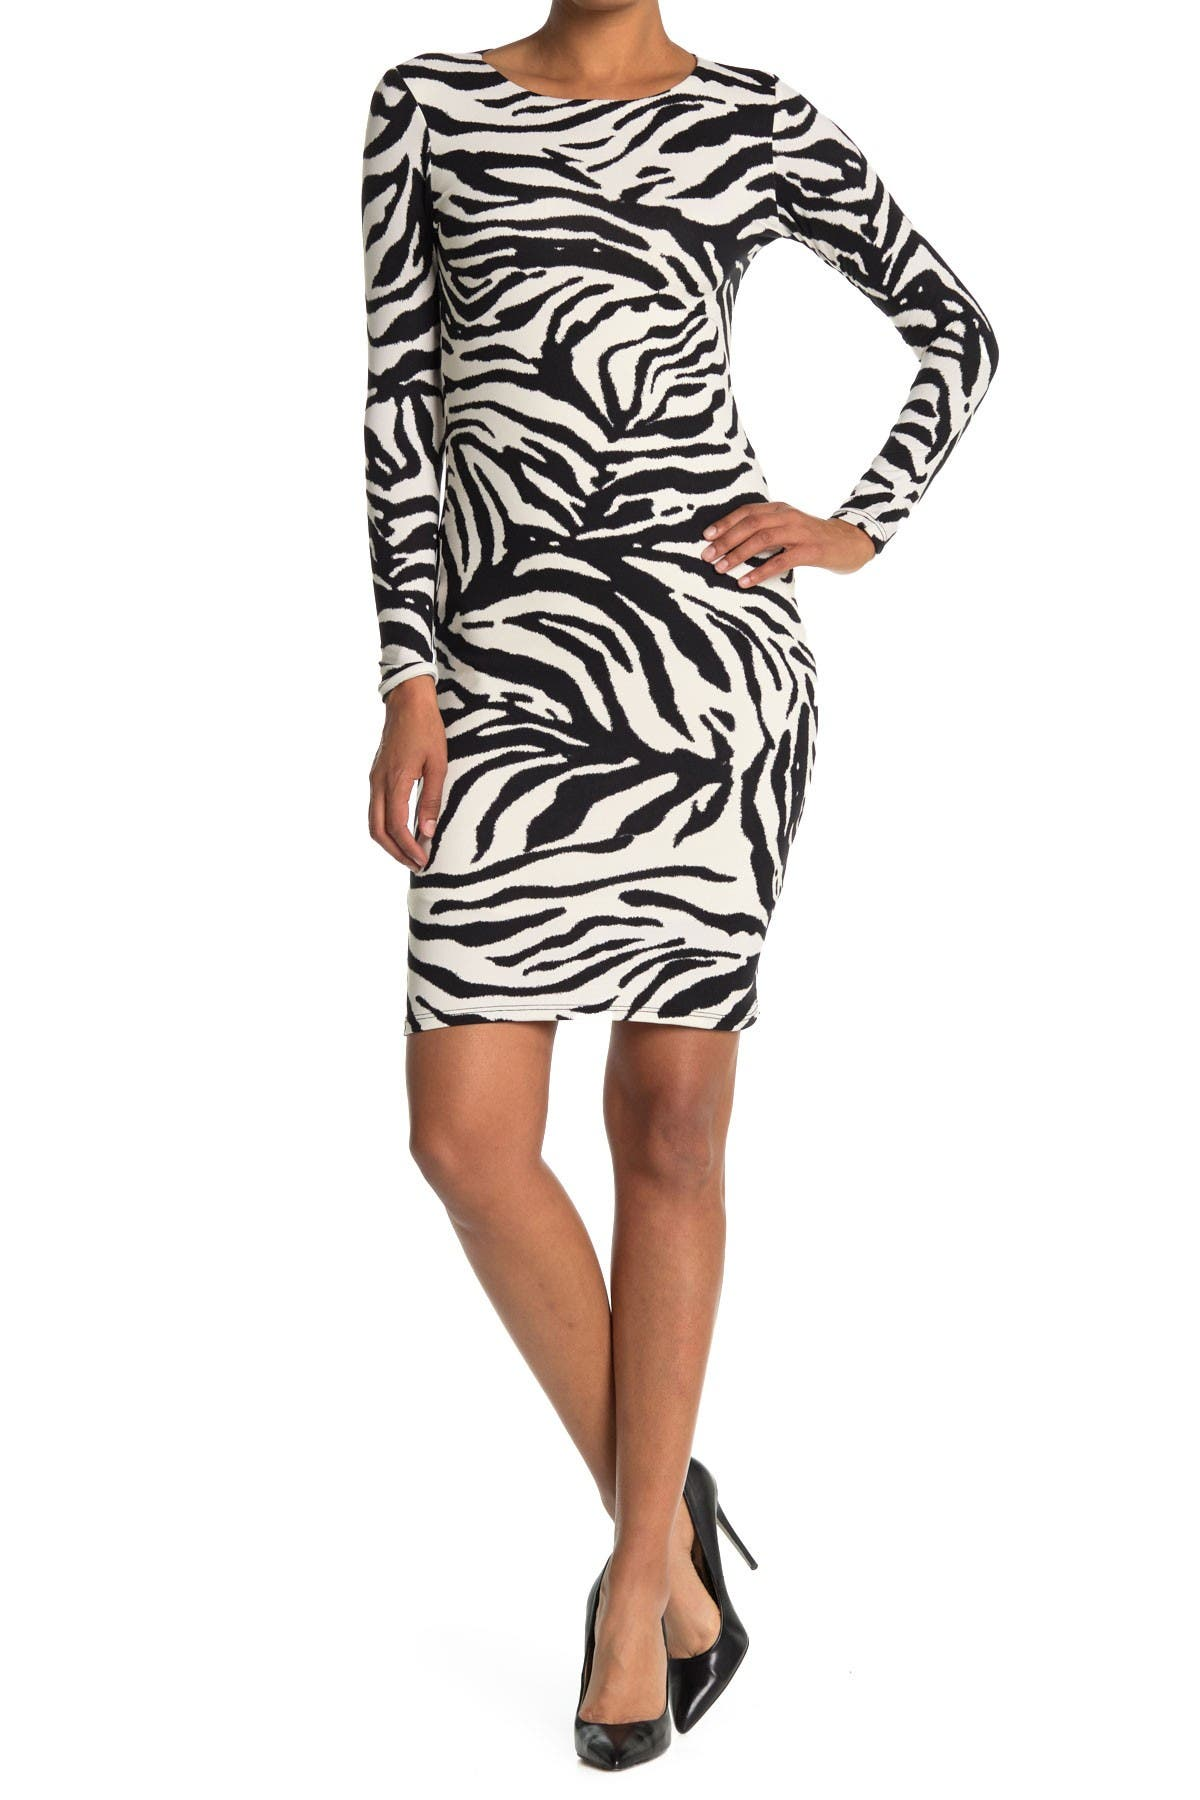 Image of Velvet Torch Zebra Midi Dress